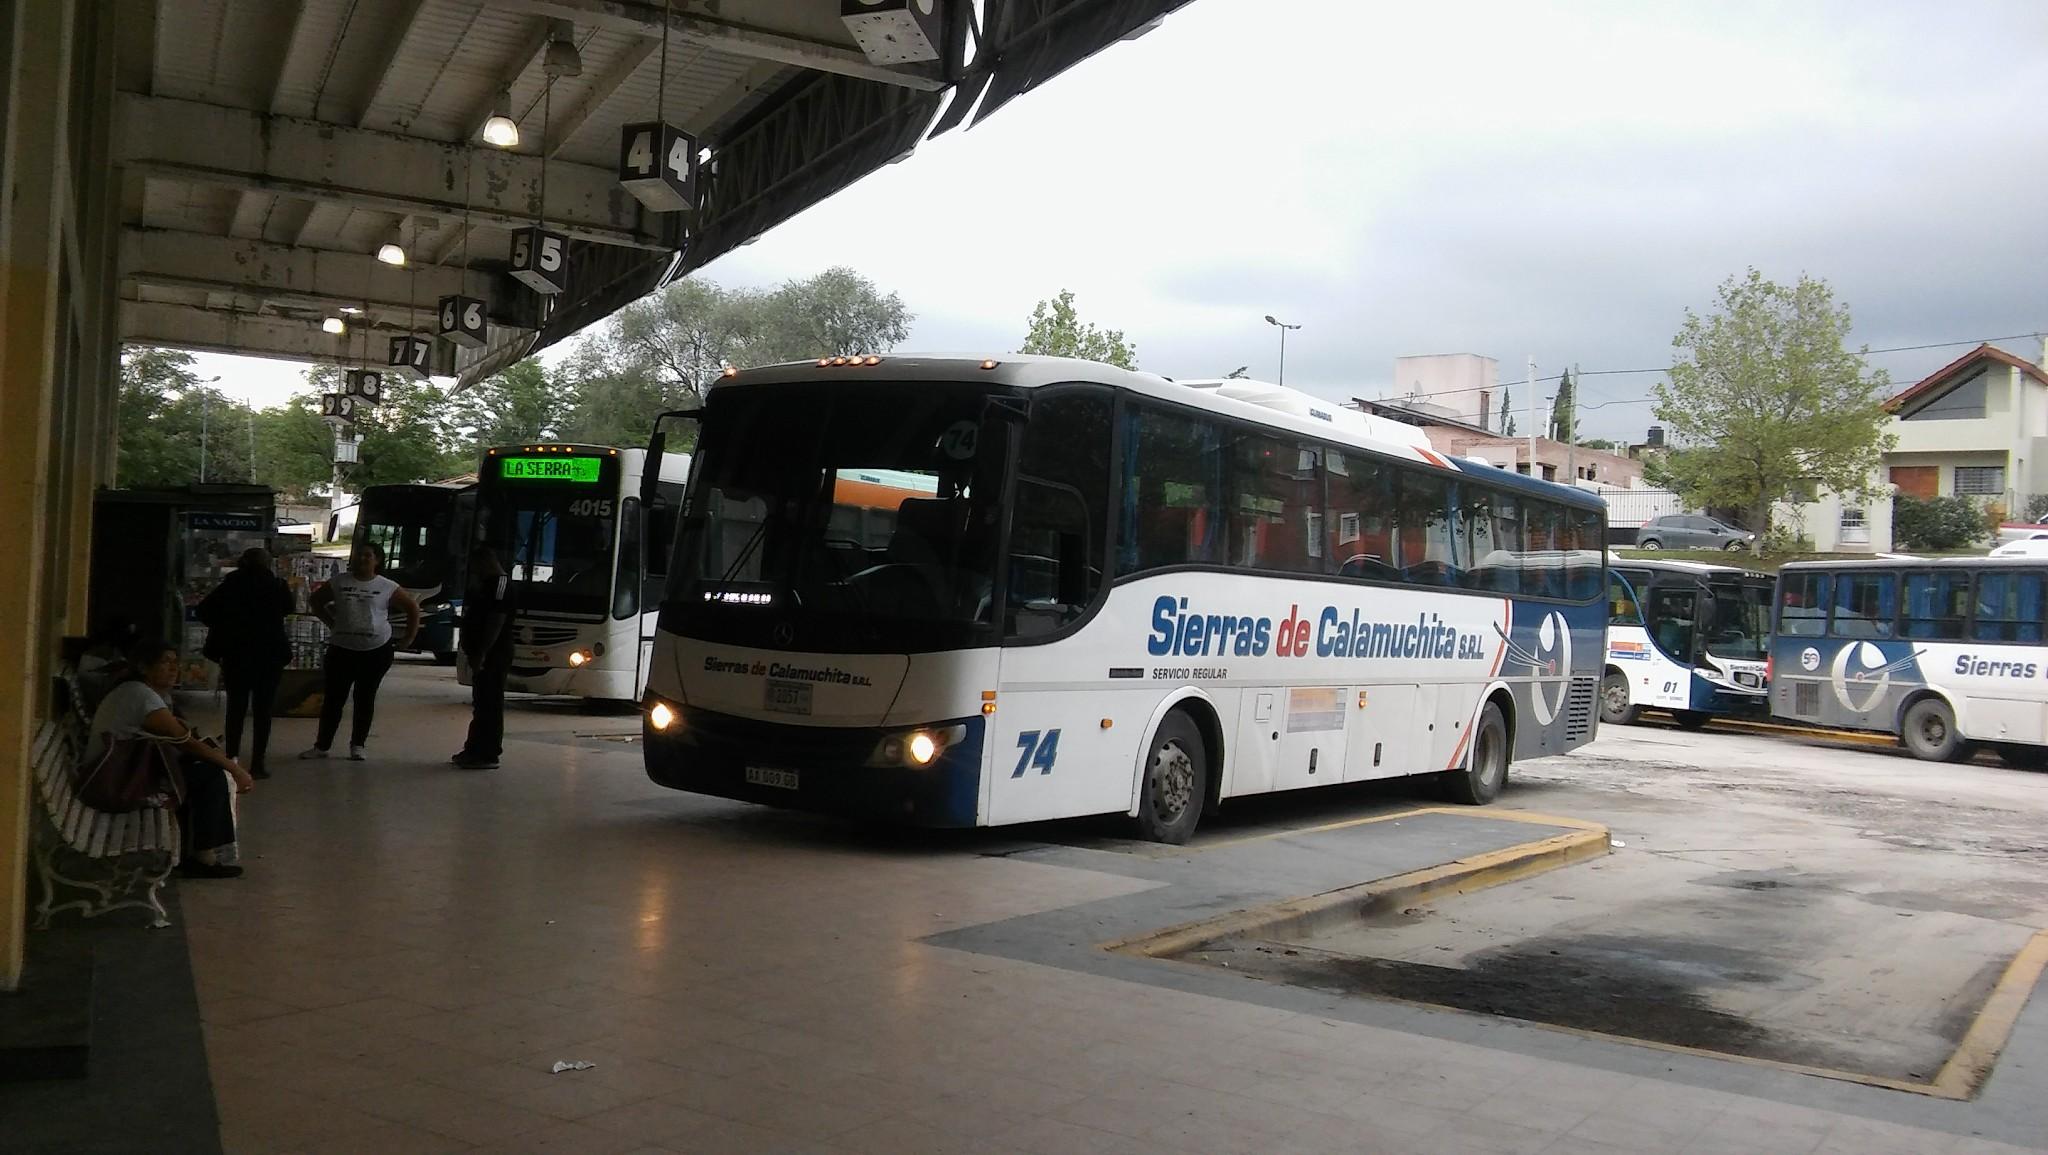 Elecciones: el domingo habrá transporte interurbano gratuito